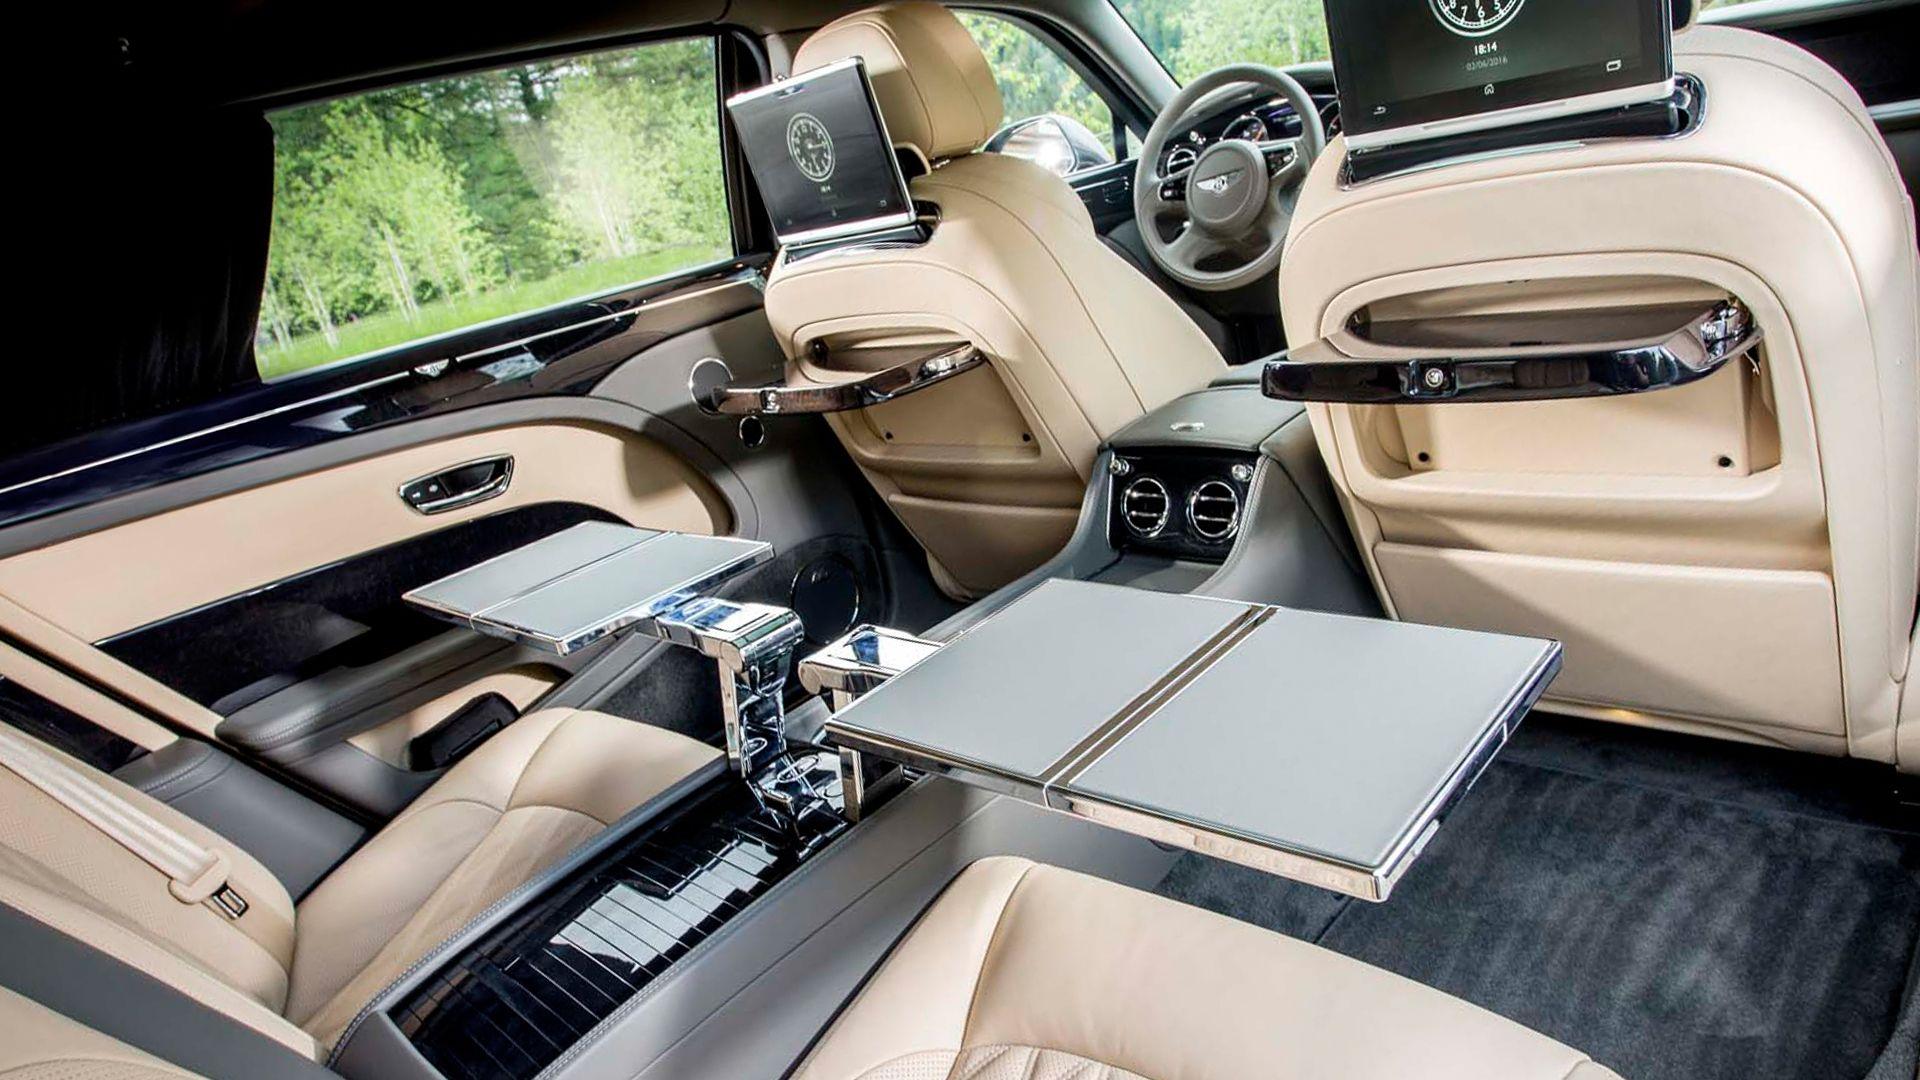 2019 Bentley Mulsanne Interior Design - 2019 Bentley Mulsanne ...